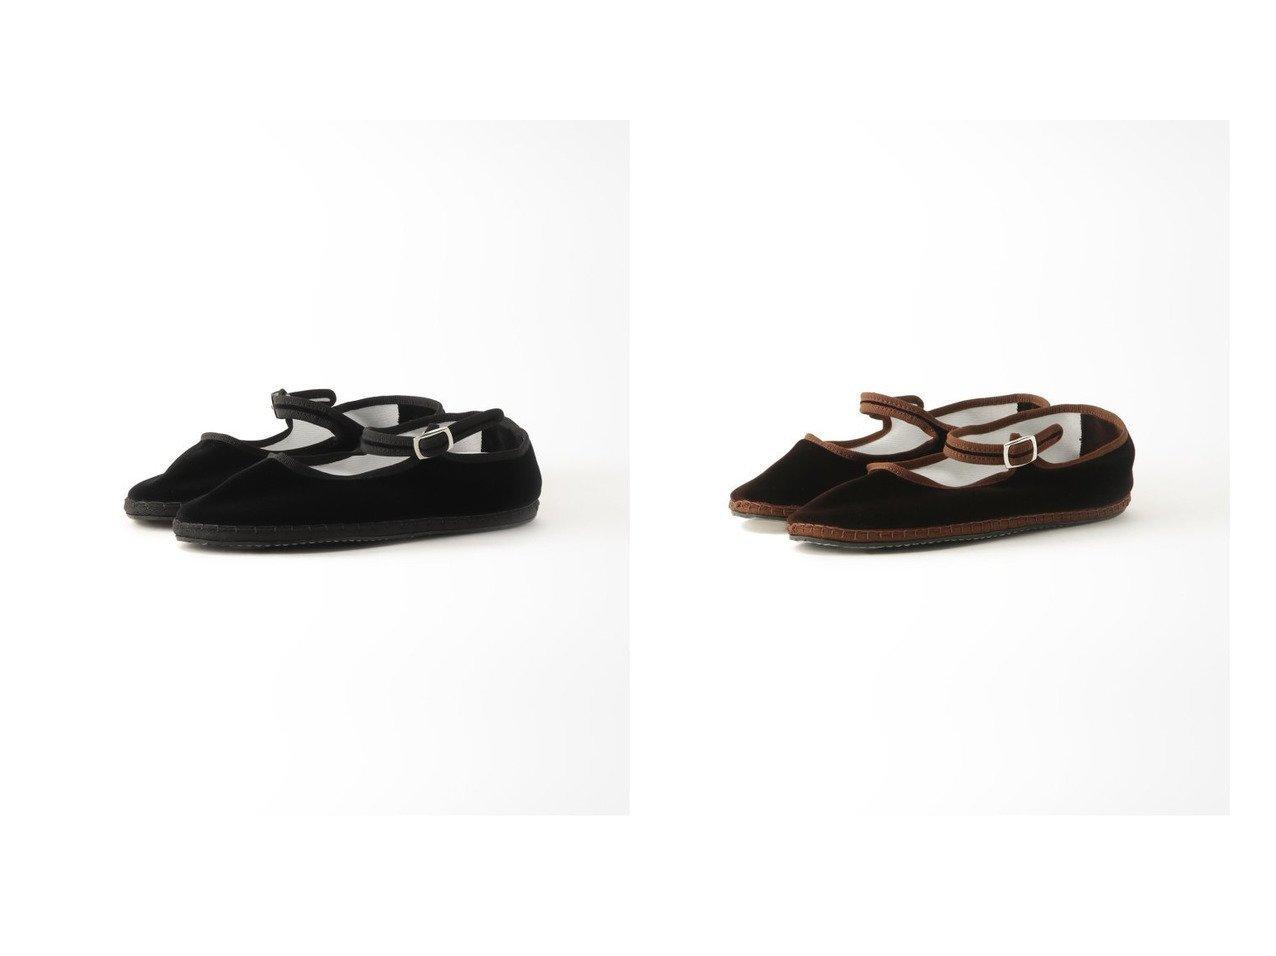 【IENA/イエナ】の【ドロゲリア・クリベリーニ】MERY JANE velvet シューズ シューズ・靴のおすすめ!人気トレンド・レディースファッションの通販 おすすめで人気の流行・トレンド、ファッションの通販商品 メンズファッション・キッズファッション・インテリア・家具・レディースファッション・服の通販 founy(ファニー) https://founy.com/ ファッション Fashion レディースファッション WOMEN A/W 秋冬 Autumn &  Winter イタリア エレガント シューズ |ID:crp329100000008549